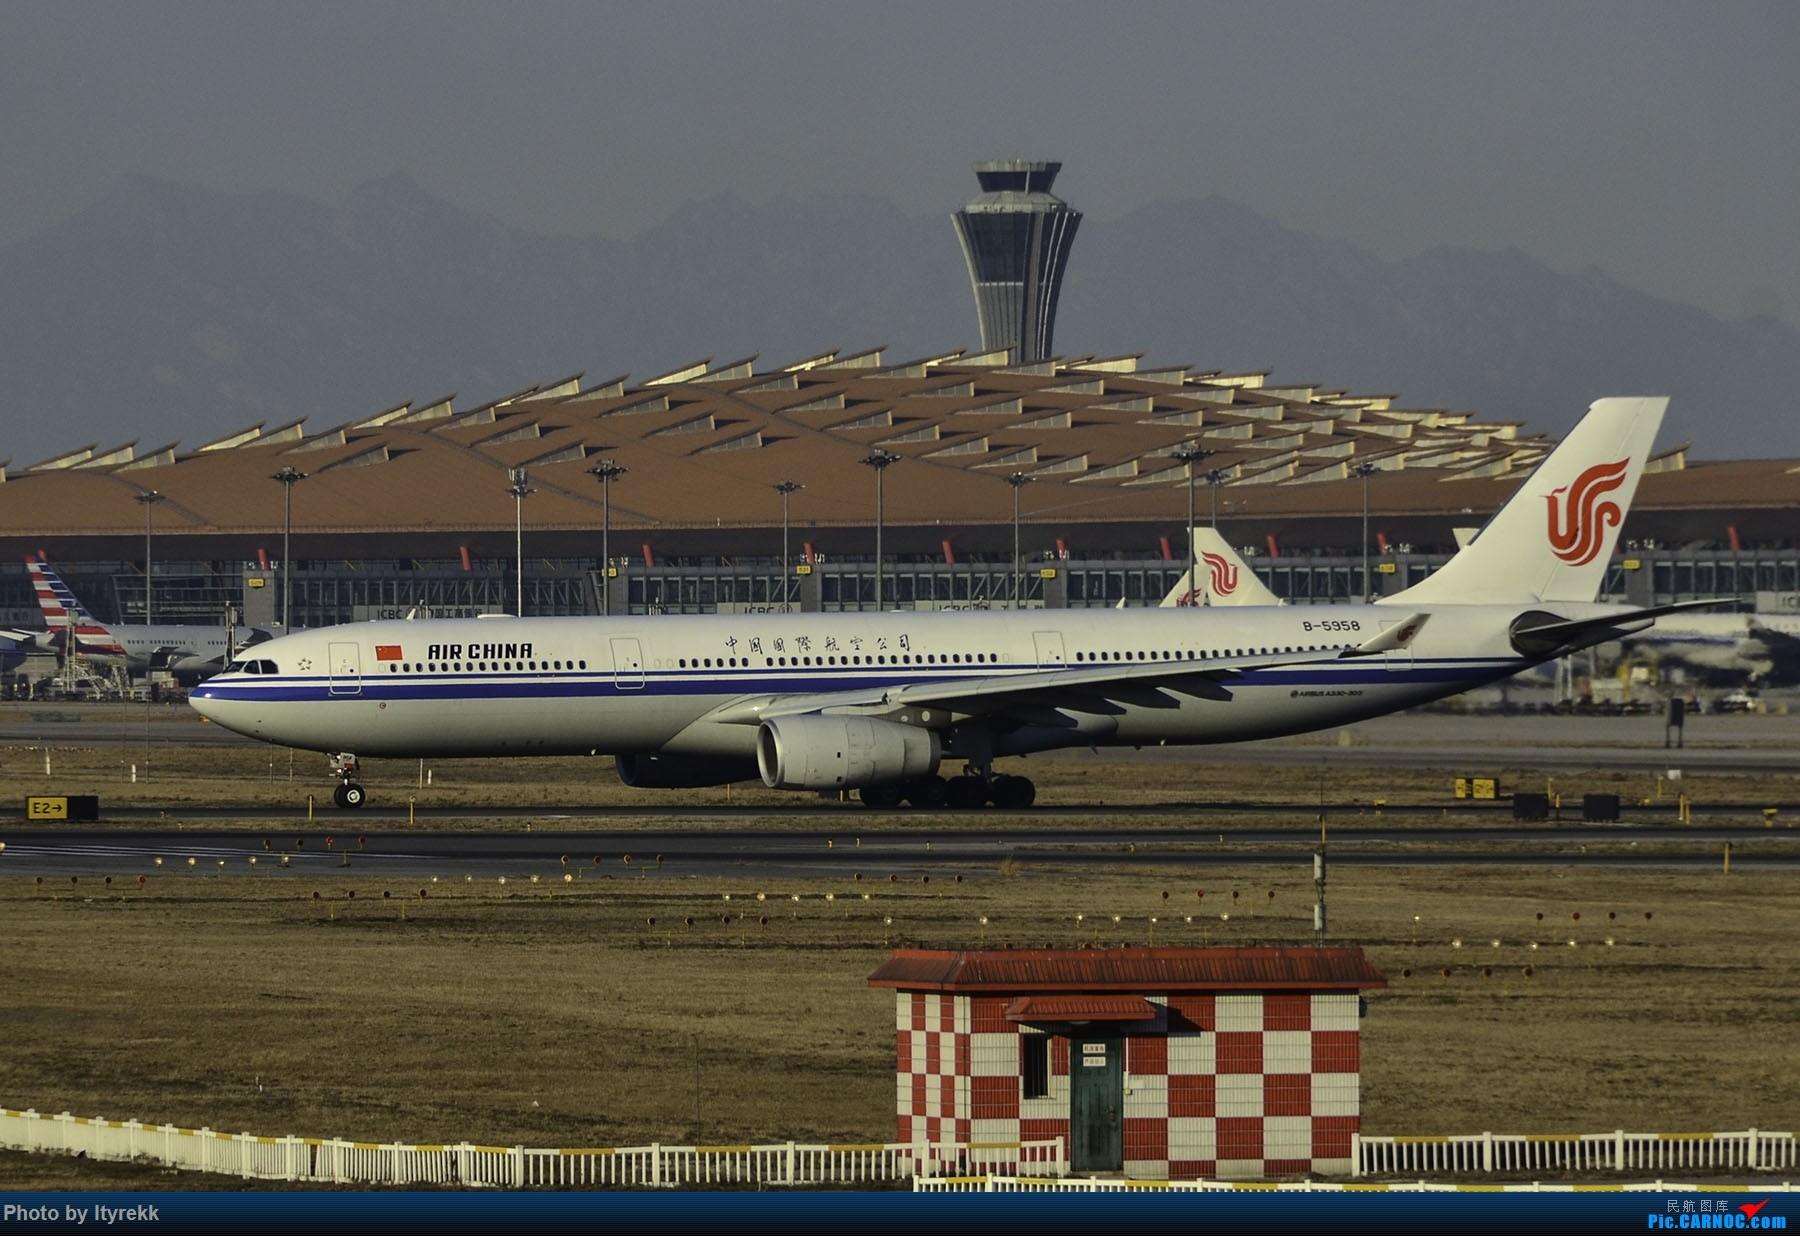 Re:[原创]PEK一日游 收获厦航首架789 B-1566等 AIRBUS A330-300 B-5958 中国北京首都国际机场